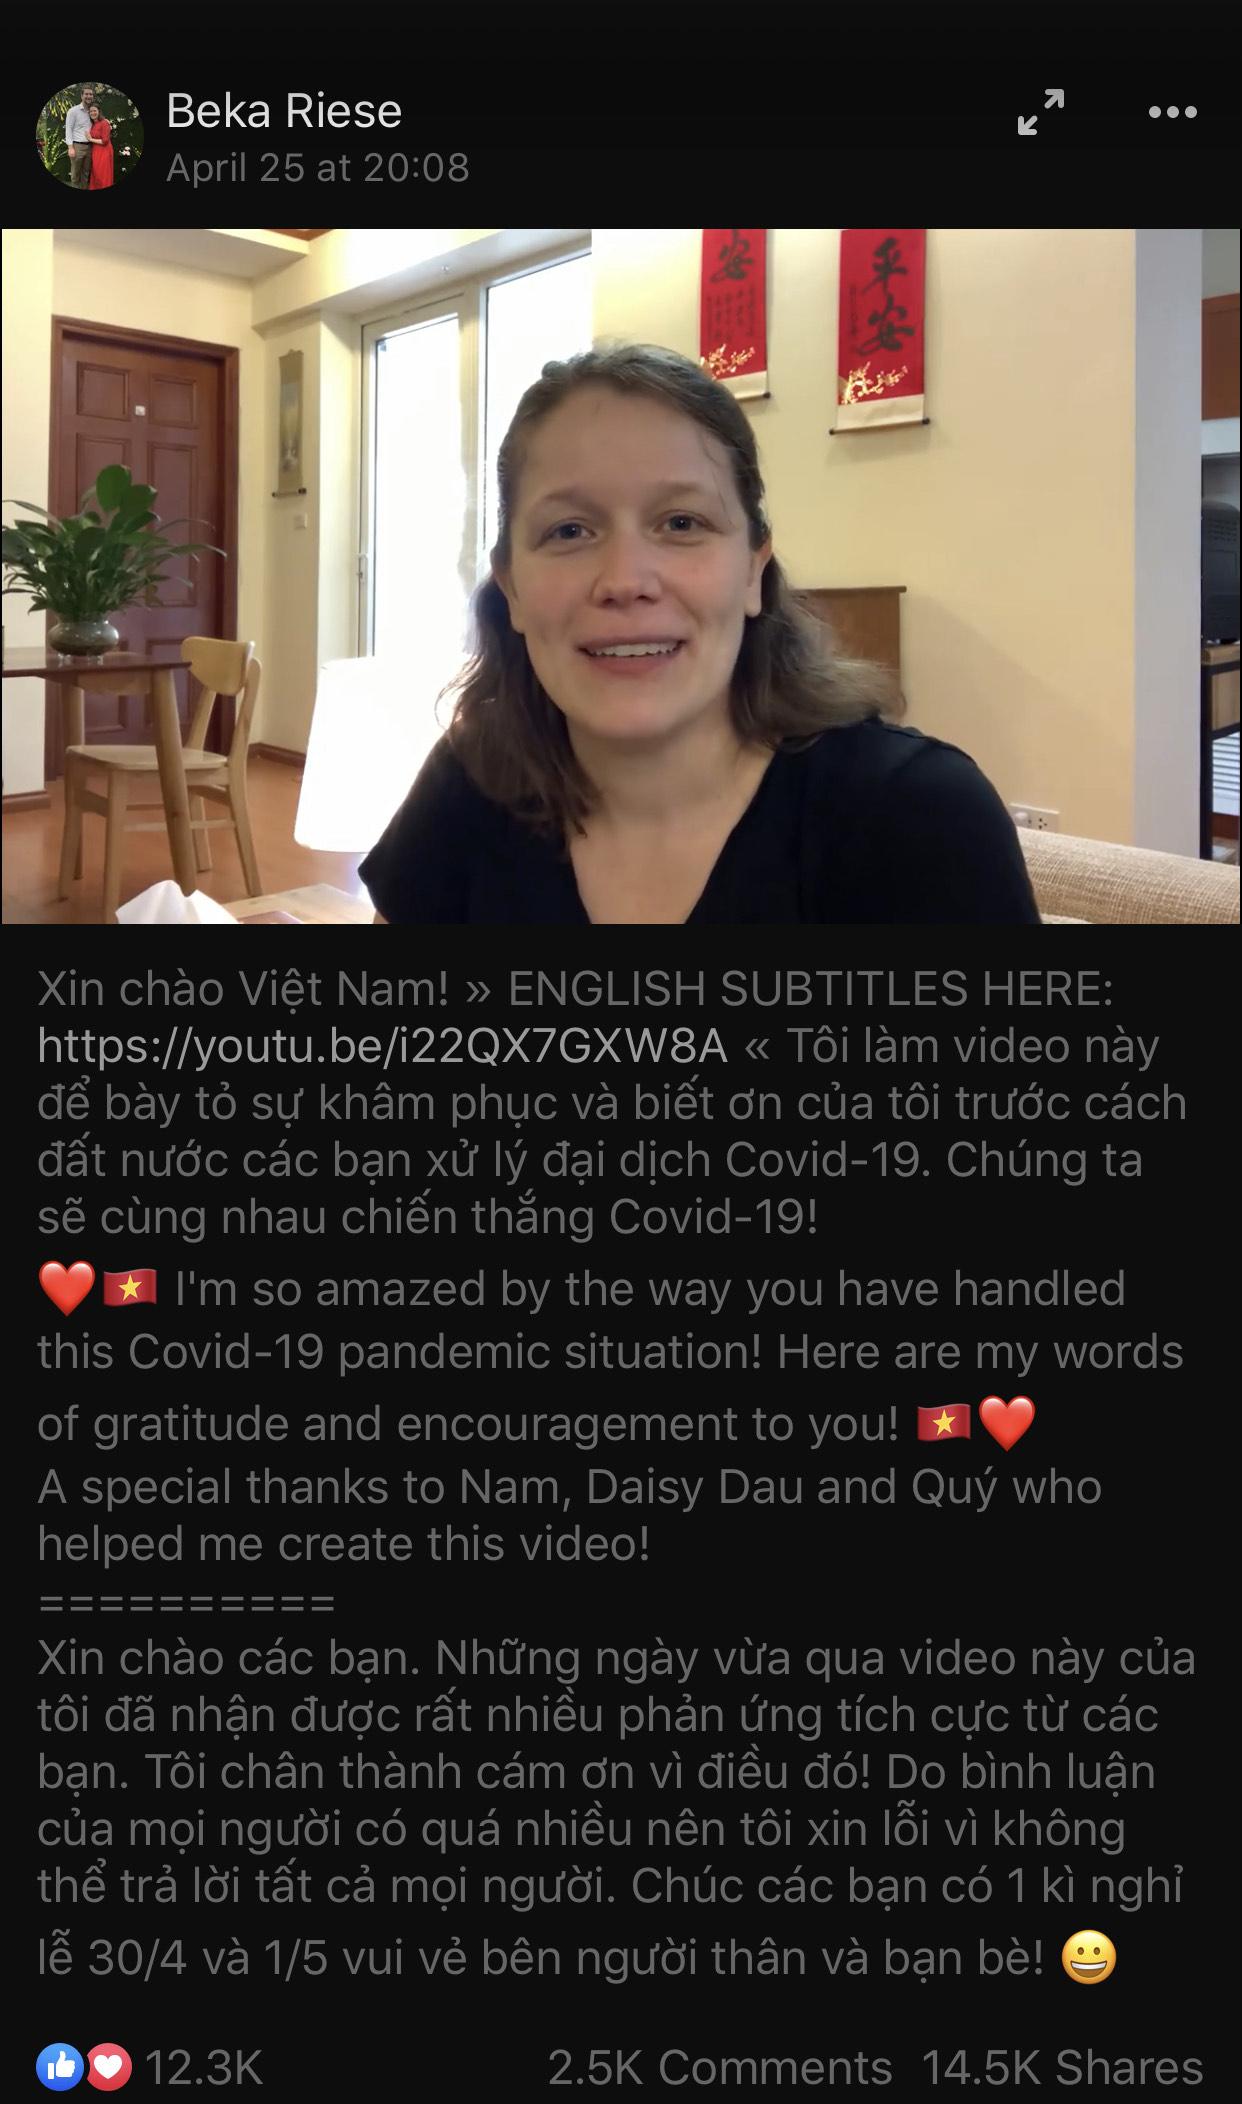 Beka Riese - một người nước ngoài sau 10 năm sống ở Việt Nam đã làm clip bày tỏ sự cảm phục với Chính phủ và nhân dân nước Việt qua cuộc chống dịch COVID-19